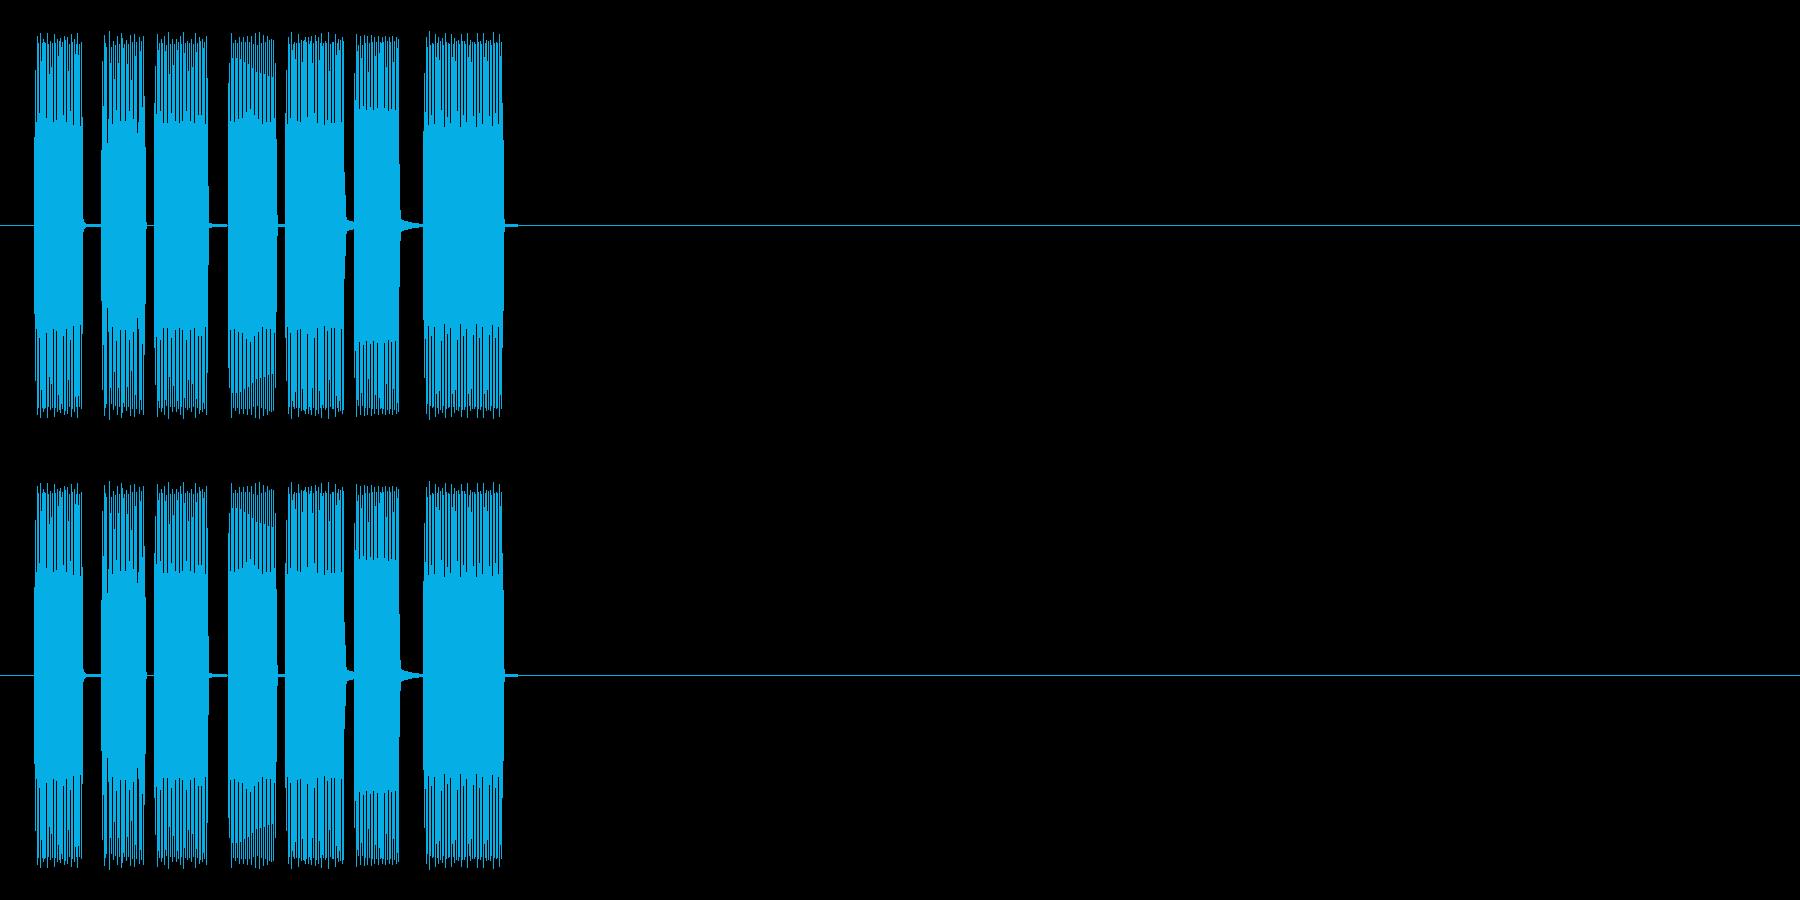 ティロリ(昔ゲーム風)の再生済みの波形